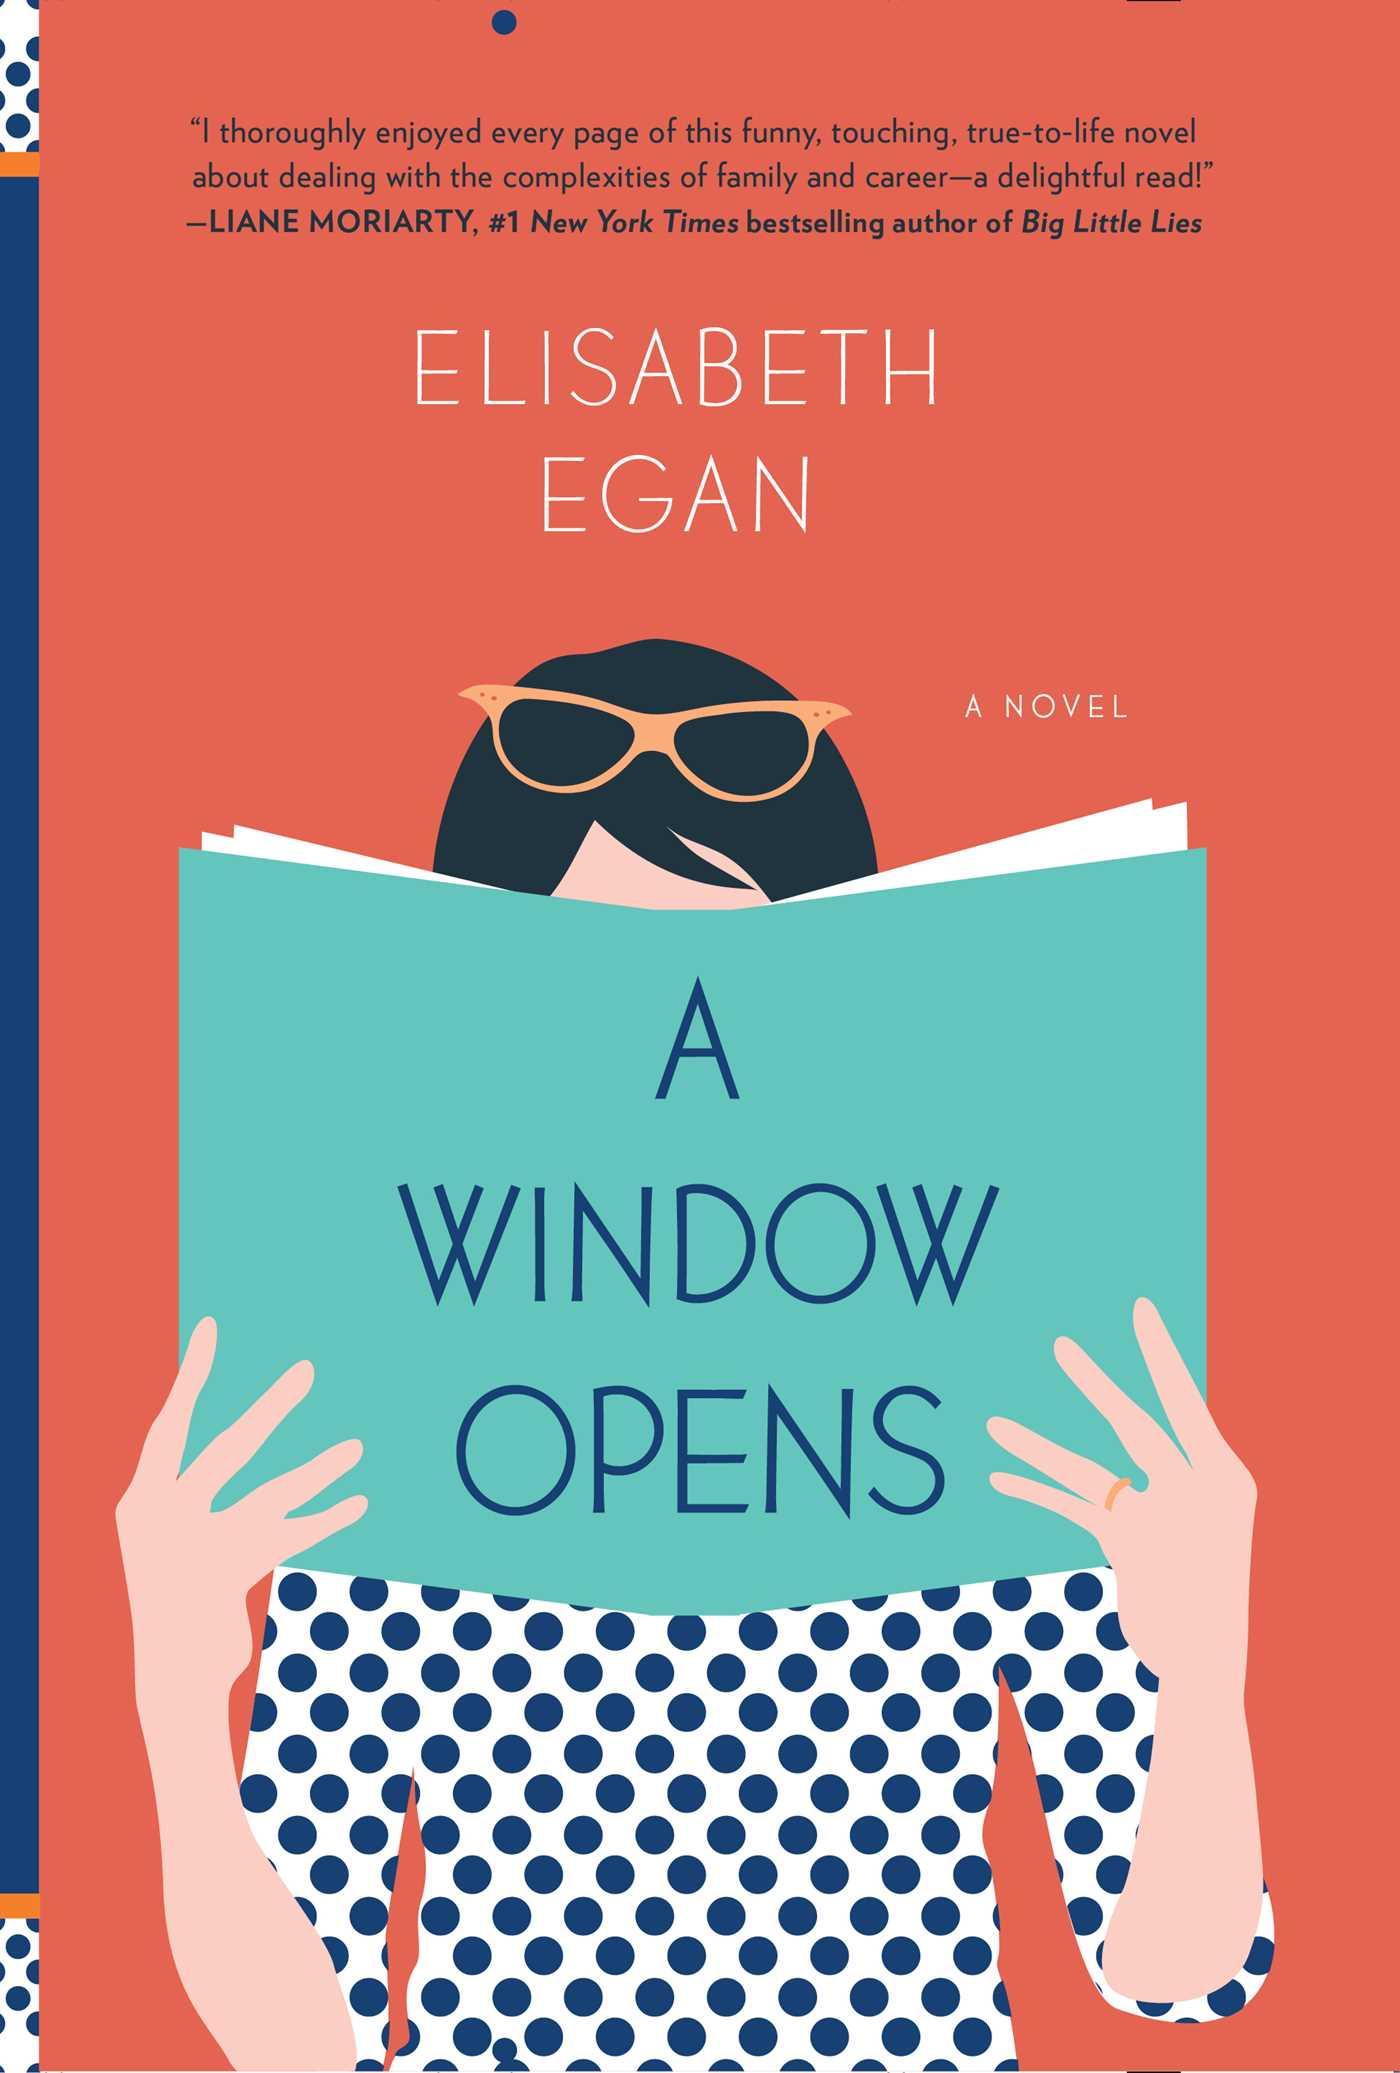 A-Window-Opens.jpg